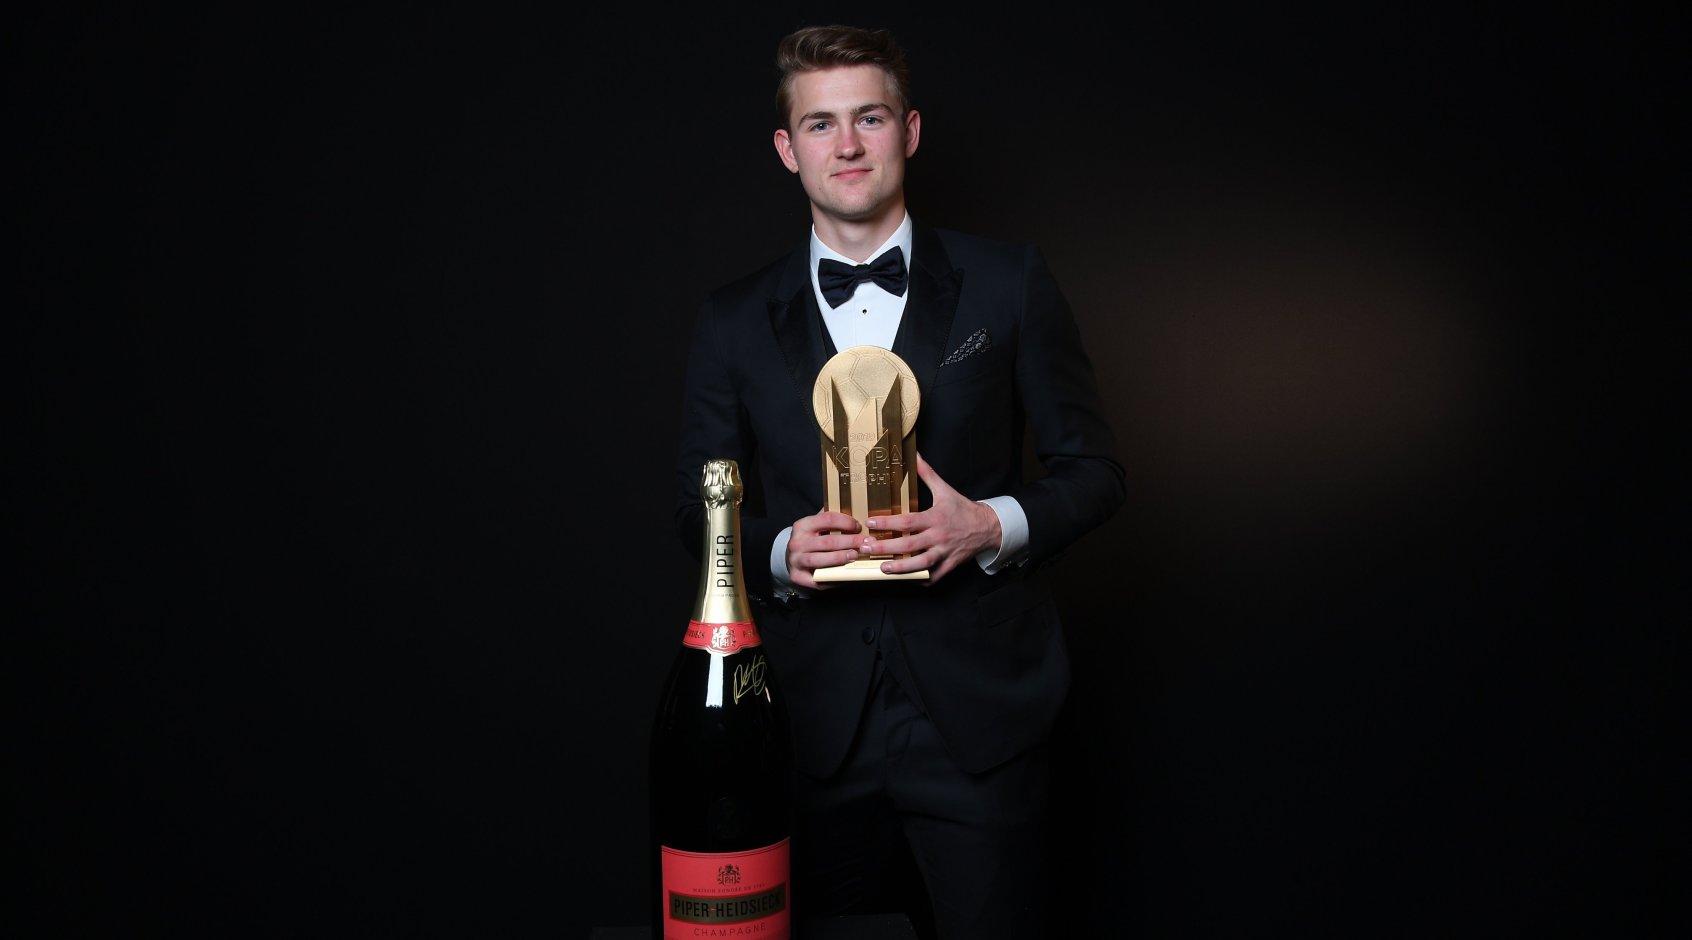 Матейс де Лигт - лучший молодой игрок 2019-го года, Лунин - вне тройки